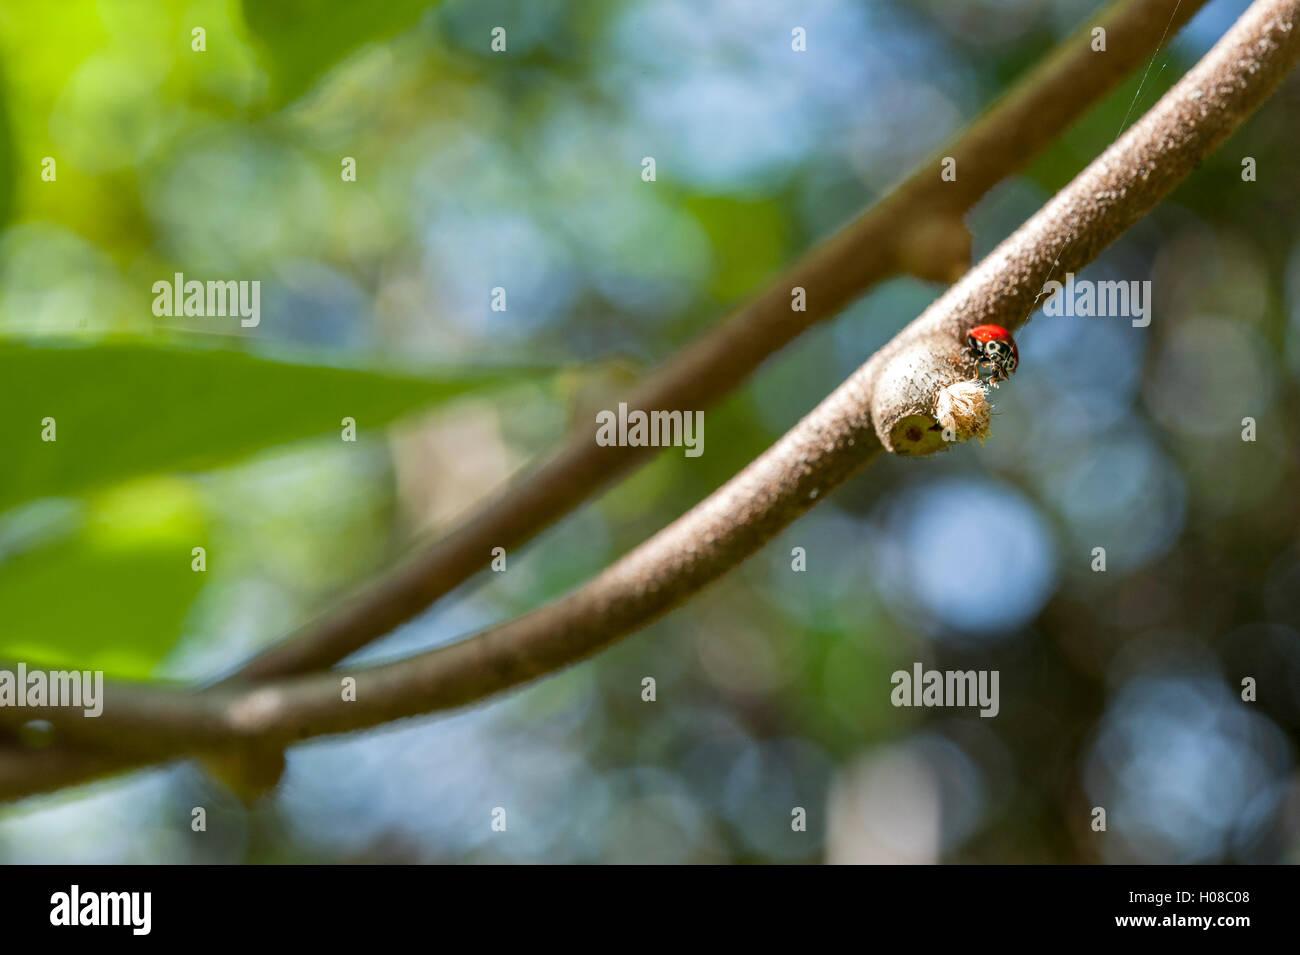 Red ladybug or ladybird, Coccinellidae, crawling on a kiwi vine. - Stock Image